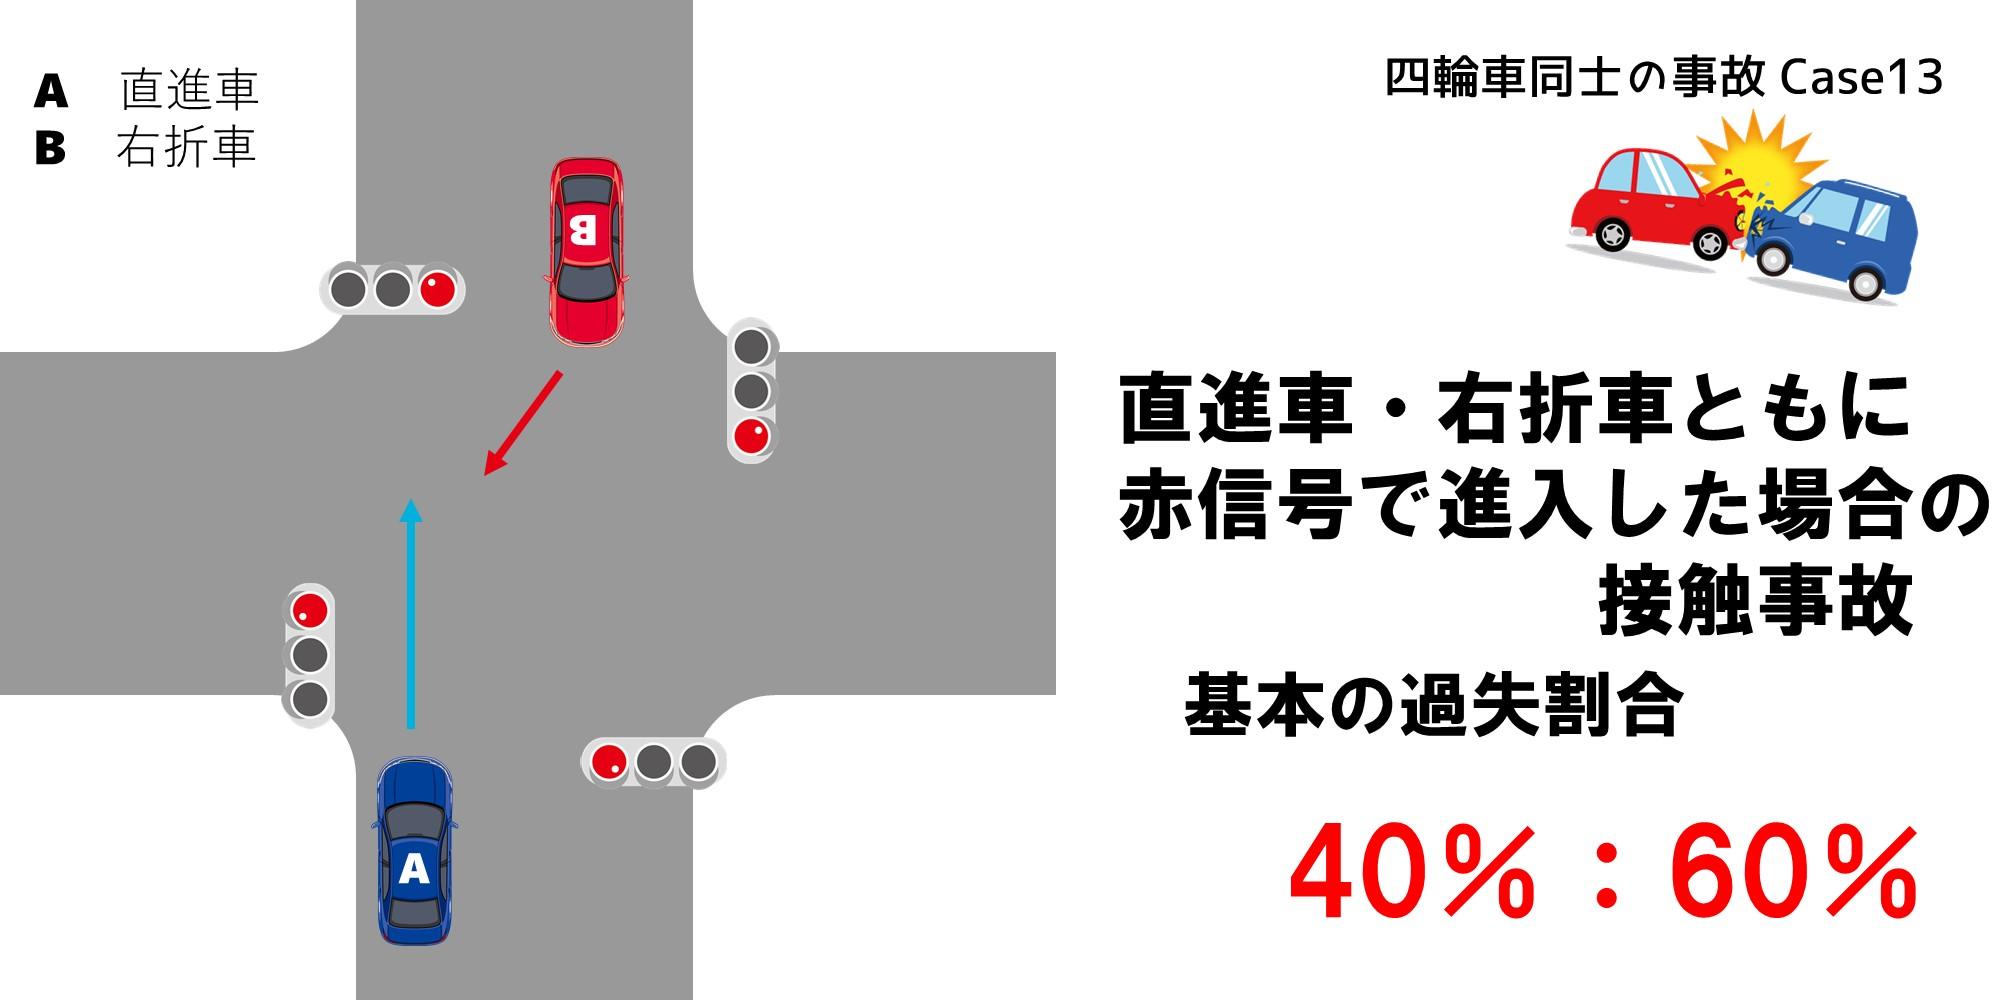 直進車、右折車ともに赤信号の場合の修正要素